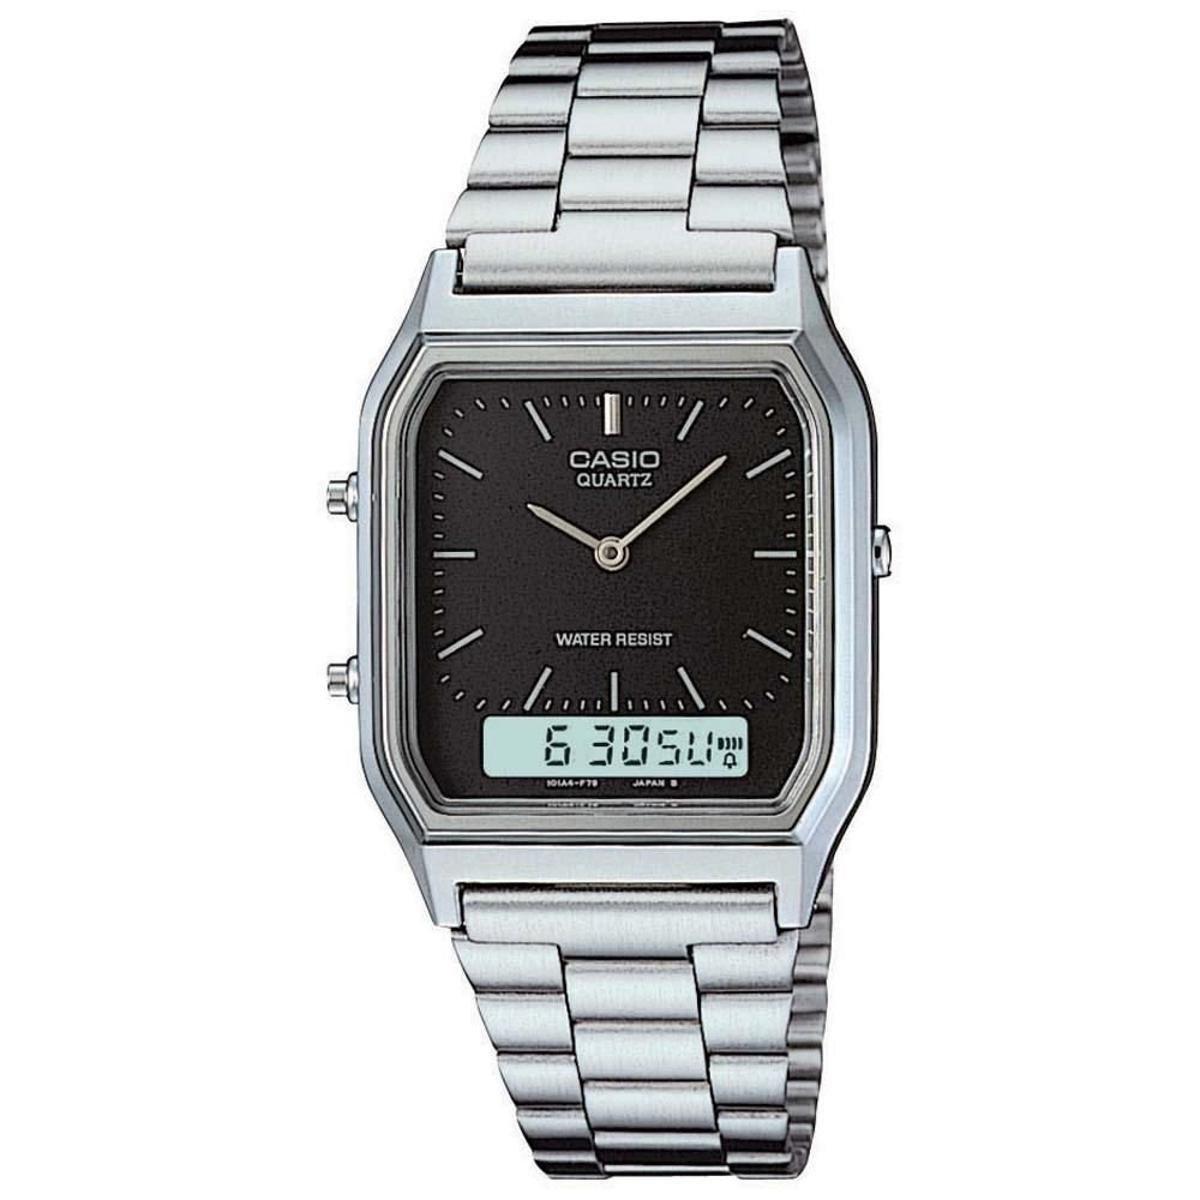 6f470745e30 Relógio Feminino Casio Analógico Digital Social - Compre Agora ...